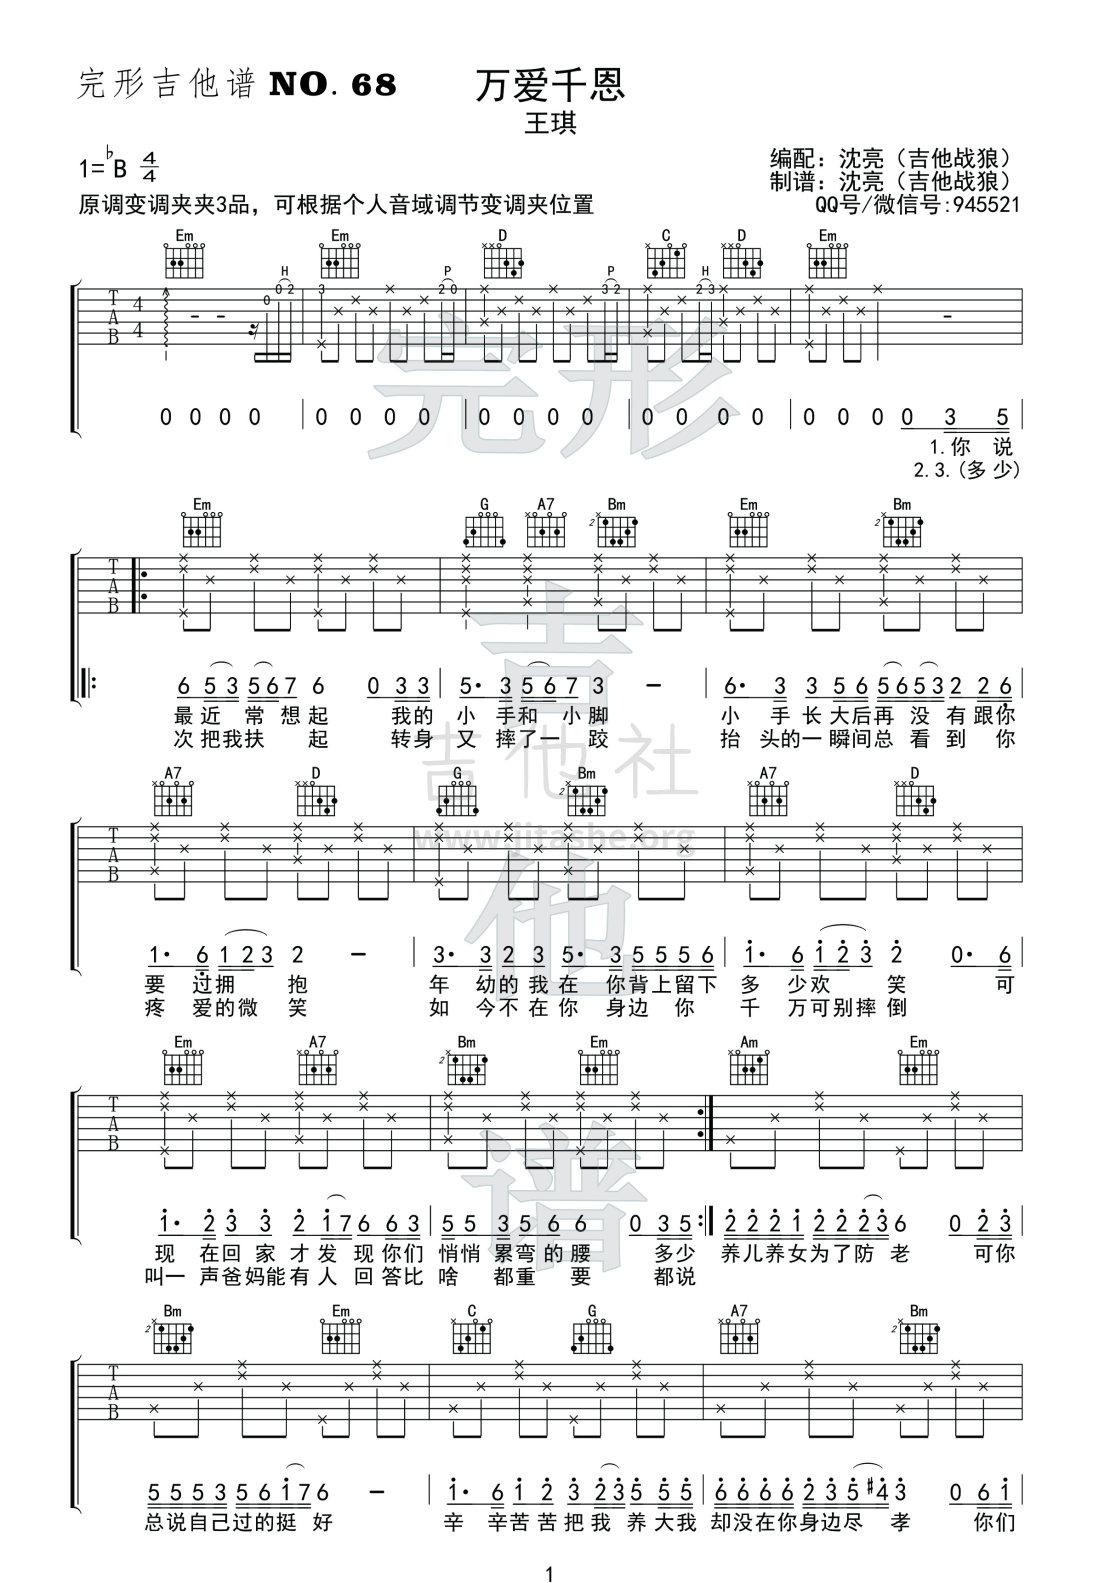 万爱千恩(完形吉他 吉他战狼出品)吉他谱(图片谱,弹唱)_王琪_1副本.jpg